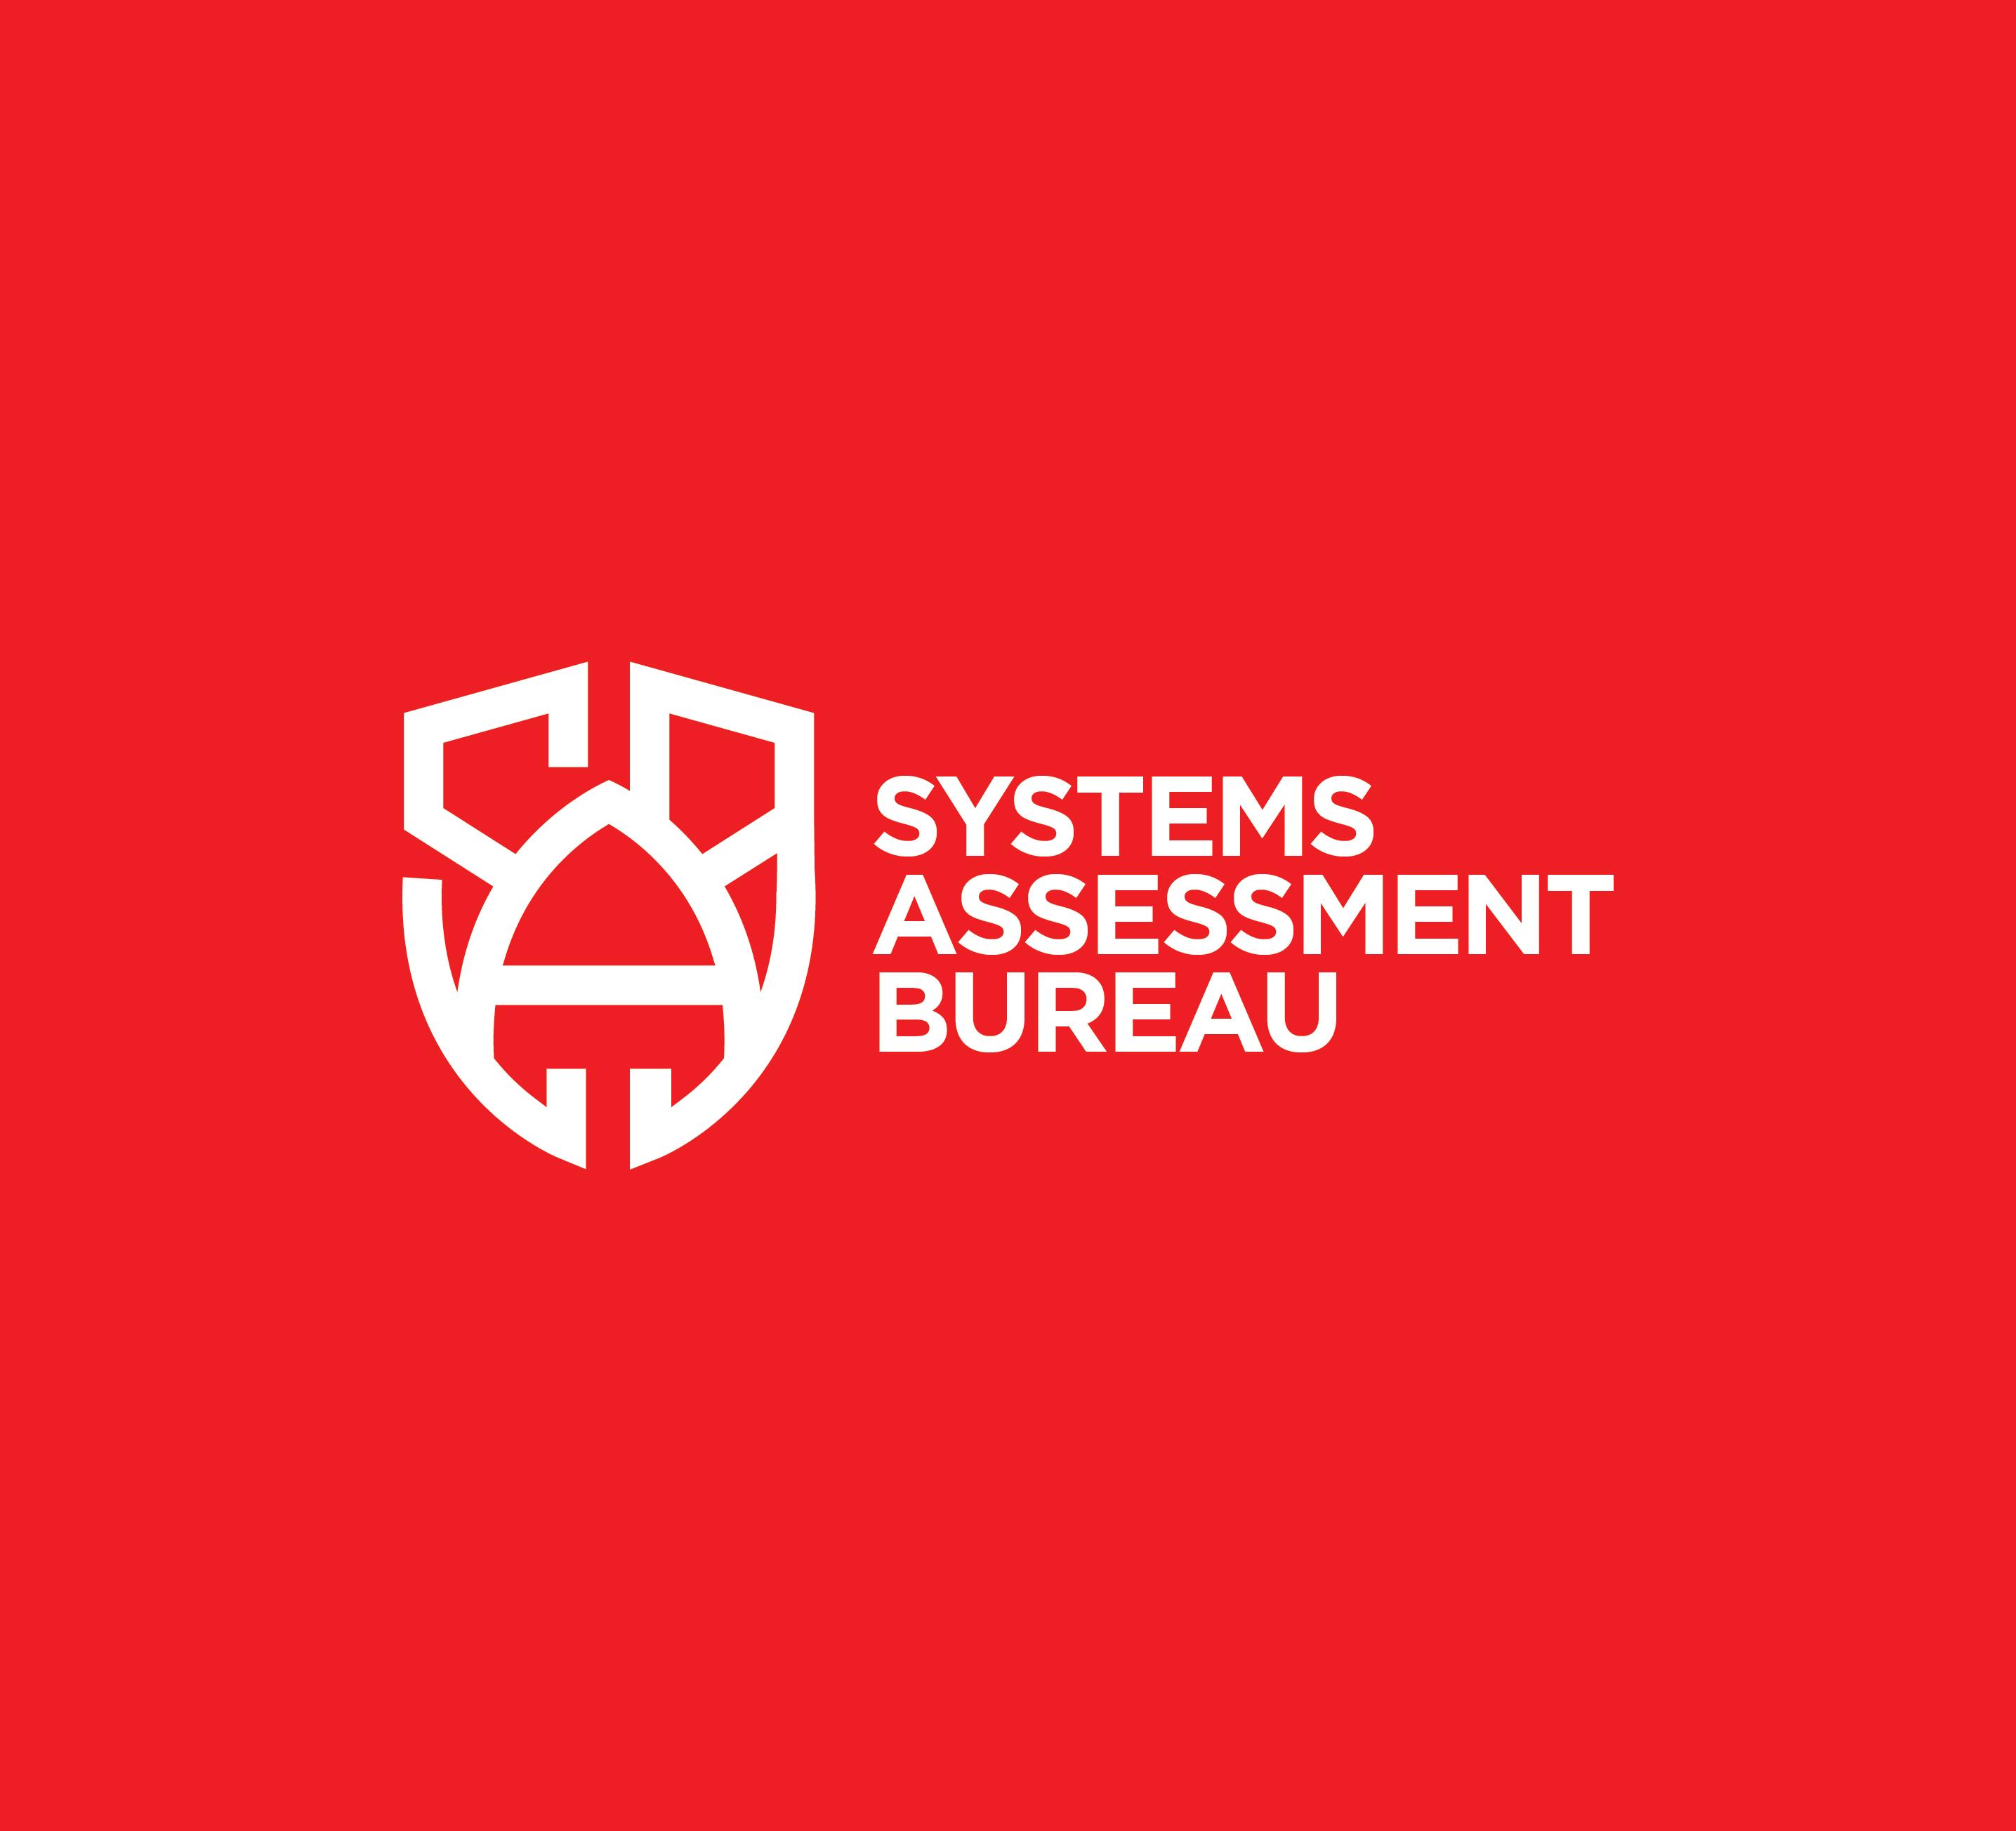 Systems Assessment Bureau